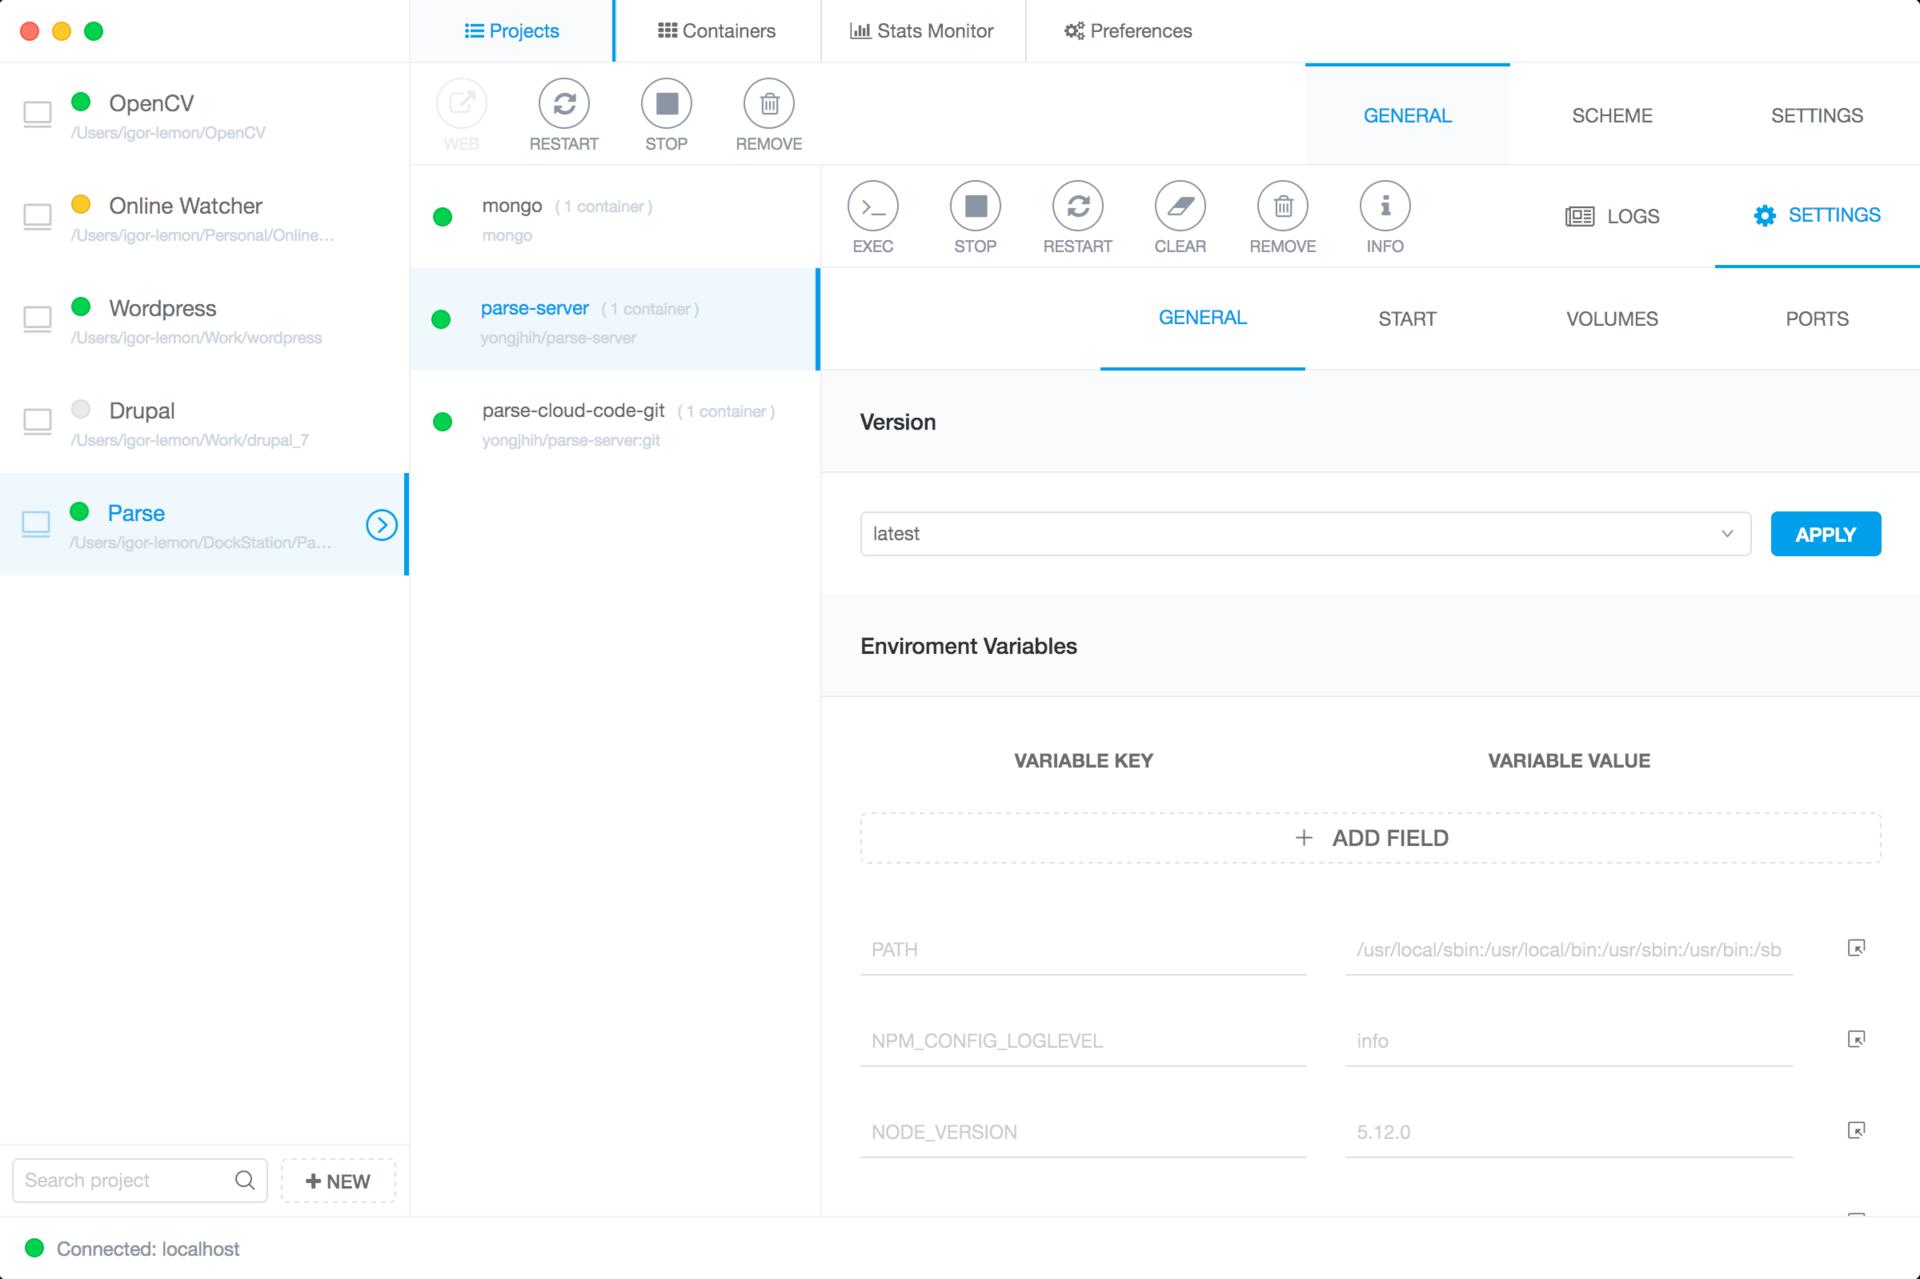 Обзор GUI-интерфейсов для управления Docker-контейнерами - 5